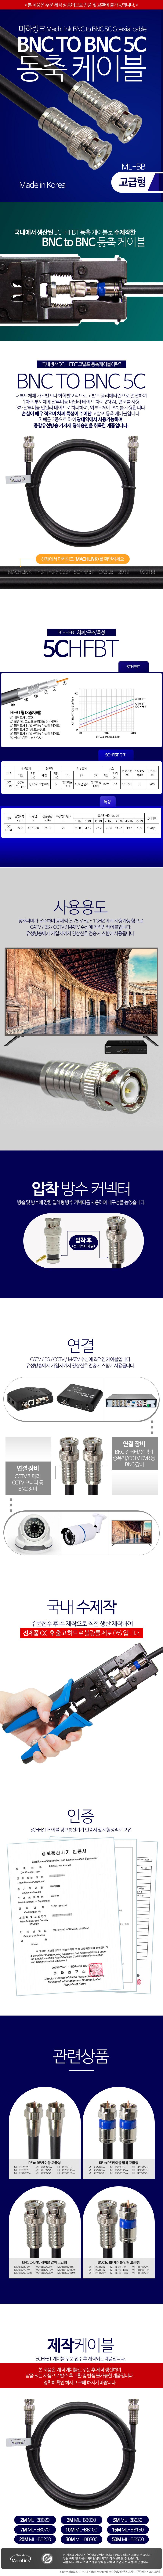 마하링크  BNC to BNC 5C 동축 케이블 (ML-BB)(3m)